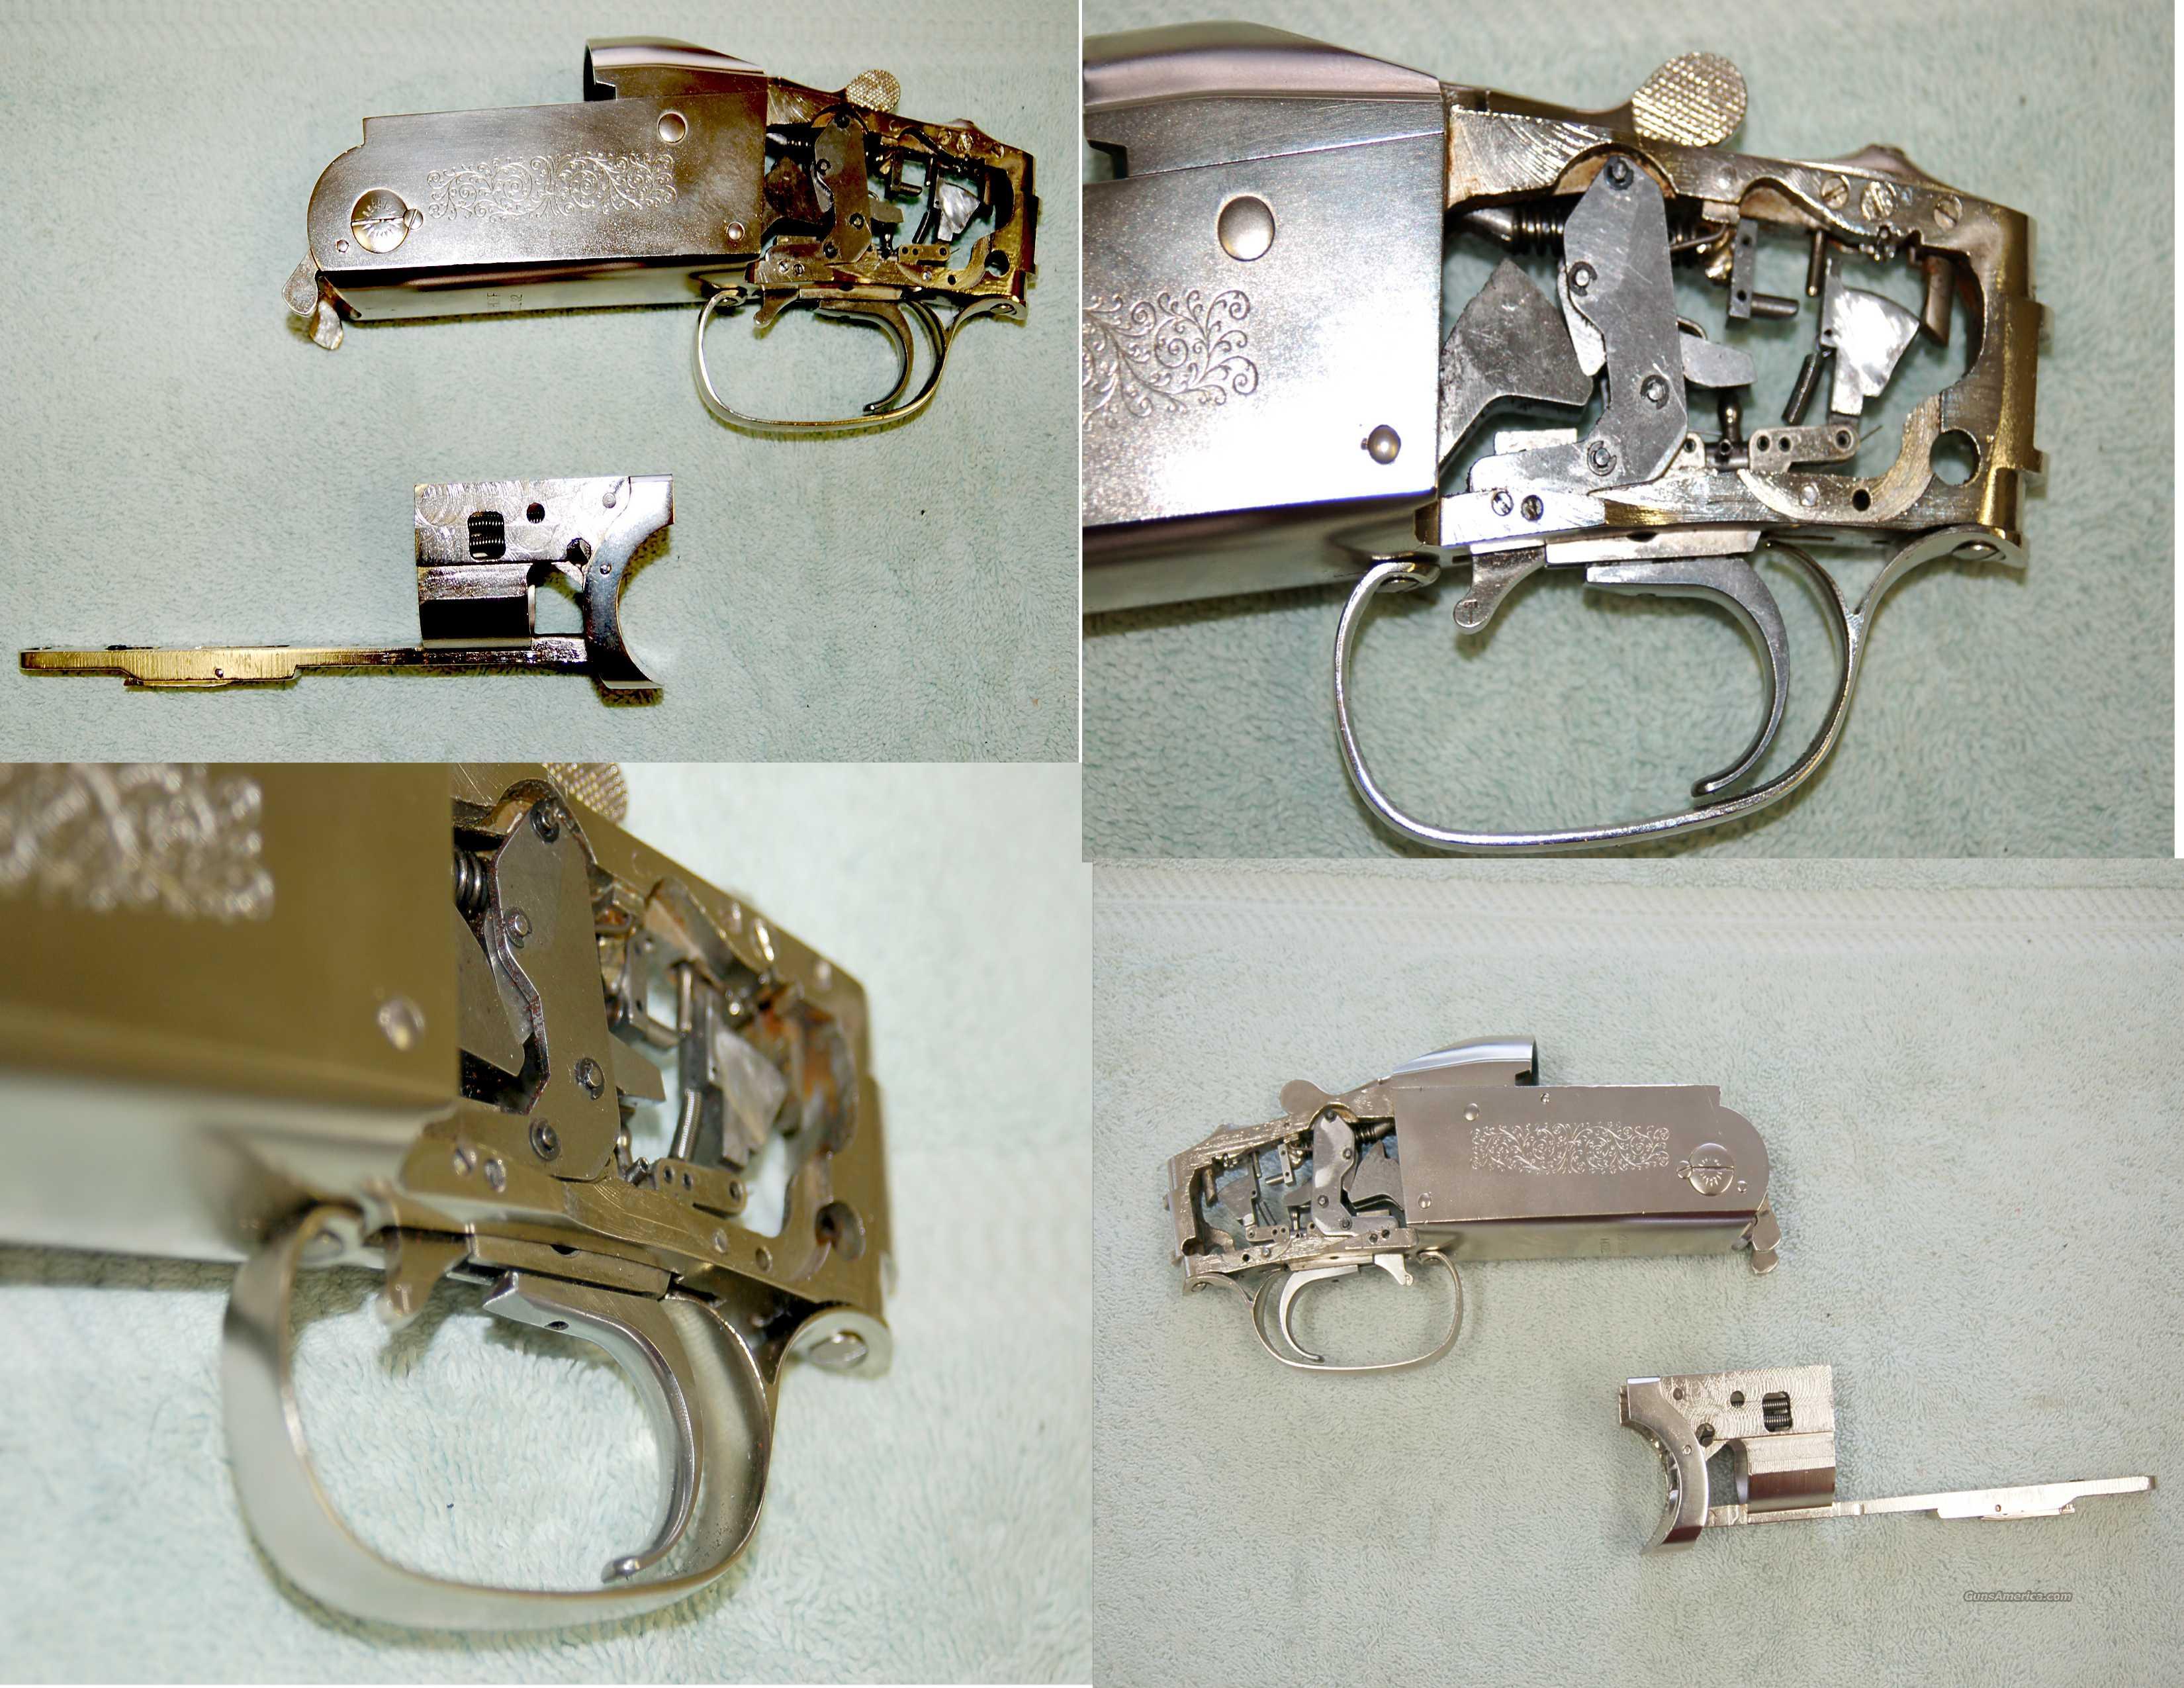 Krieghoff K32 Receiver and Forearm Guns > Shotguns > Krieghoff